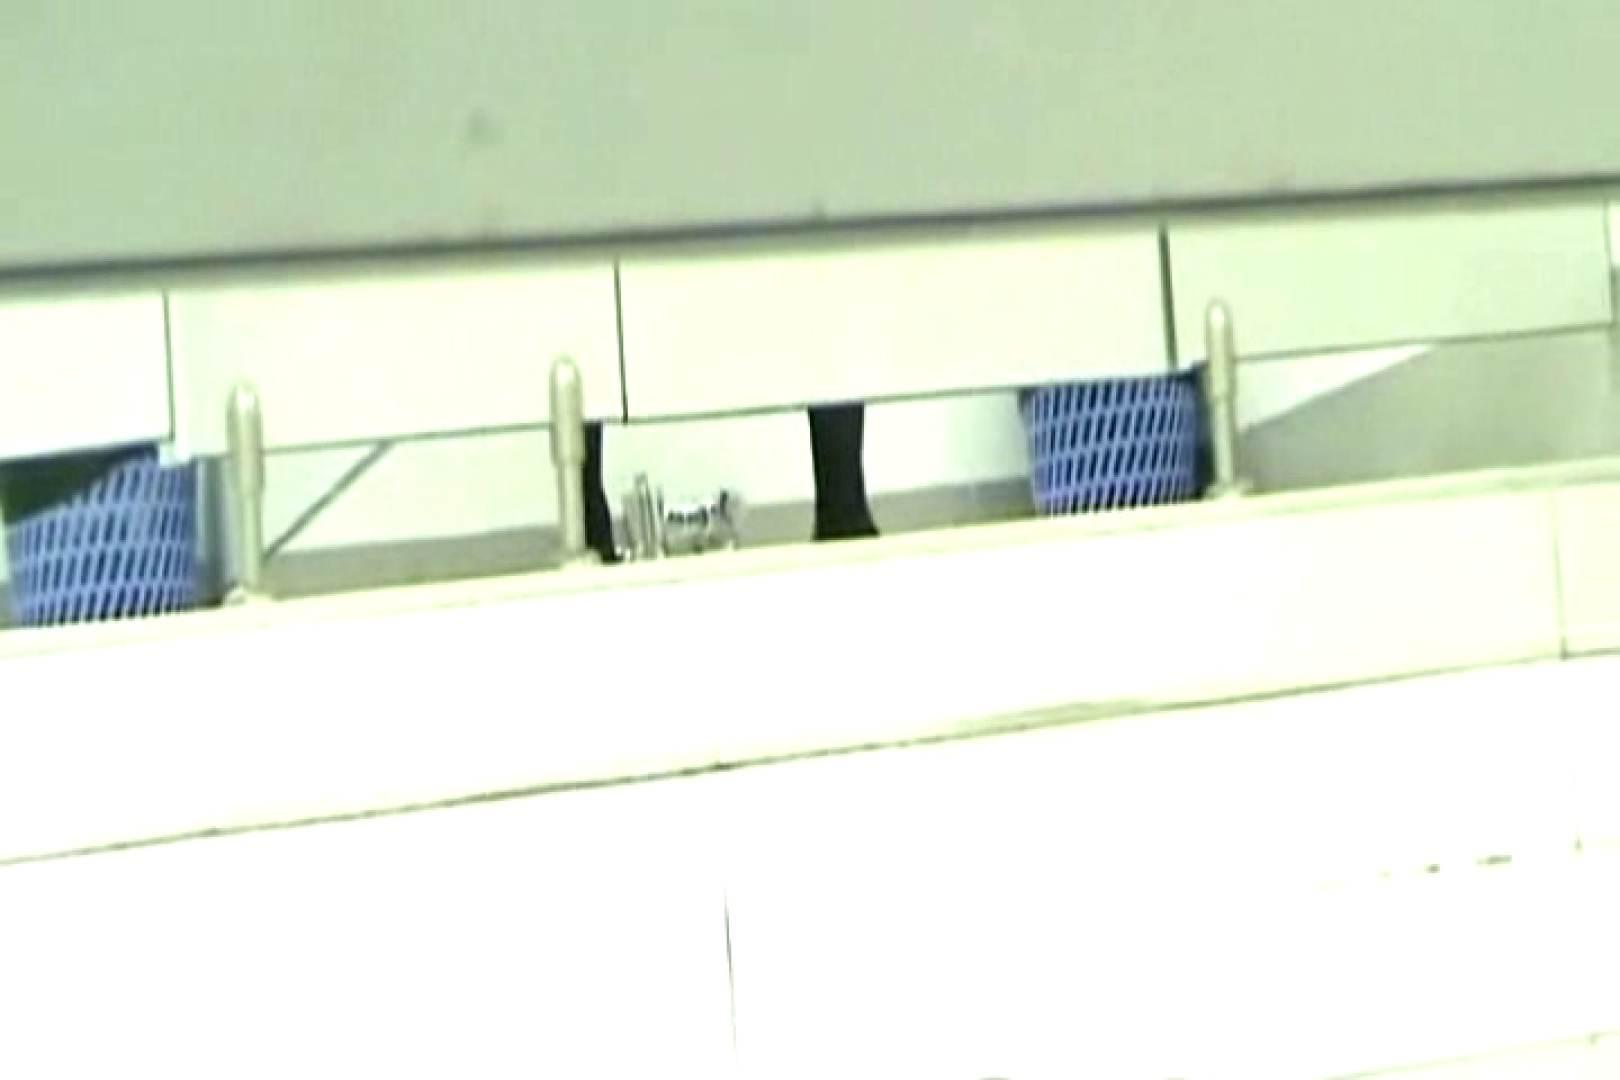 ぼっとん洗面所スペシャルVol.2 おまんこ オマンコ動画キャプチャ 106pic 83